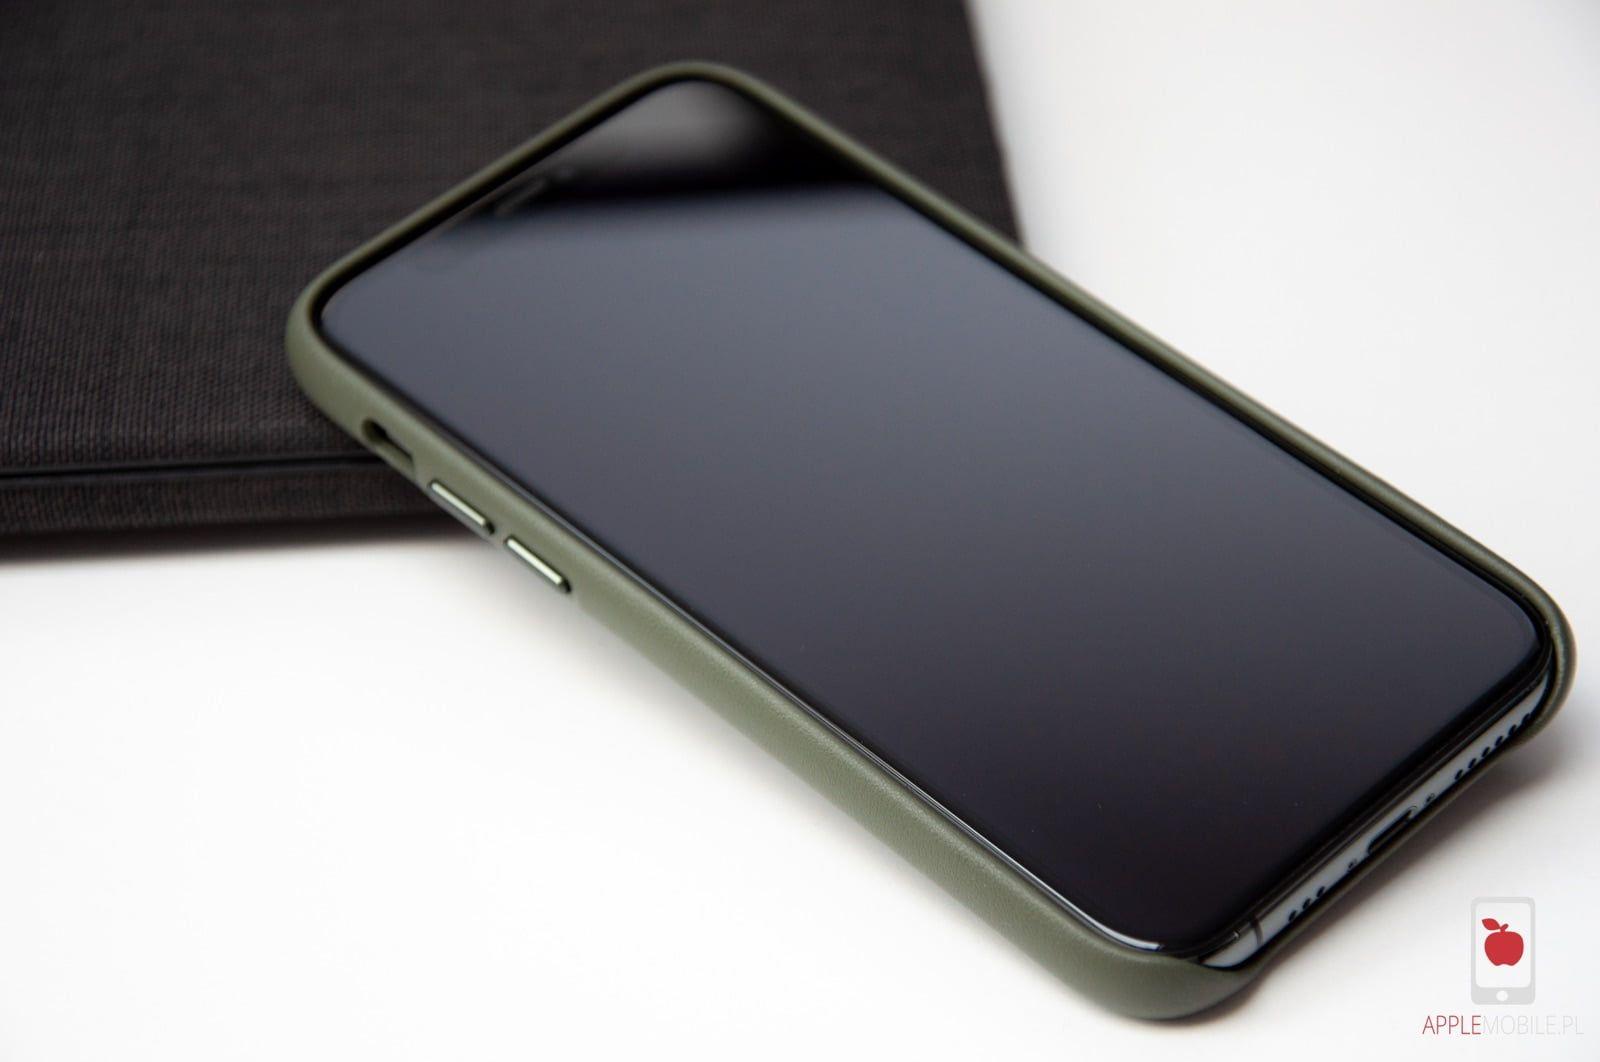 Recenzja etui JCPAL Moda Case Leather Style Slim Shell dla iPhone 11 Pro | Genialne, niesamowicie przyjemne i wprost doskonale dopasowane. Takie jest etui JCPAL Moda Case.